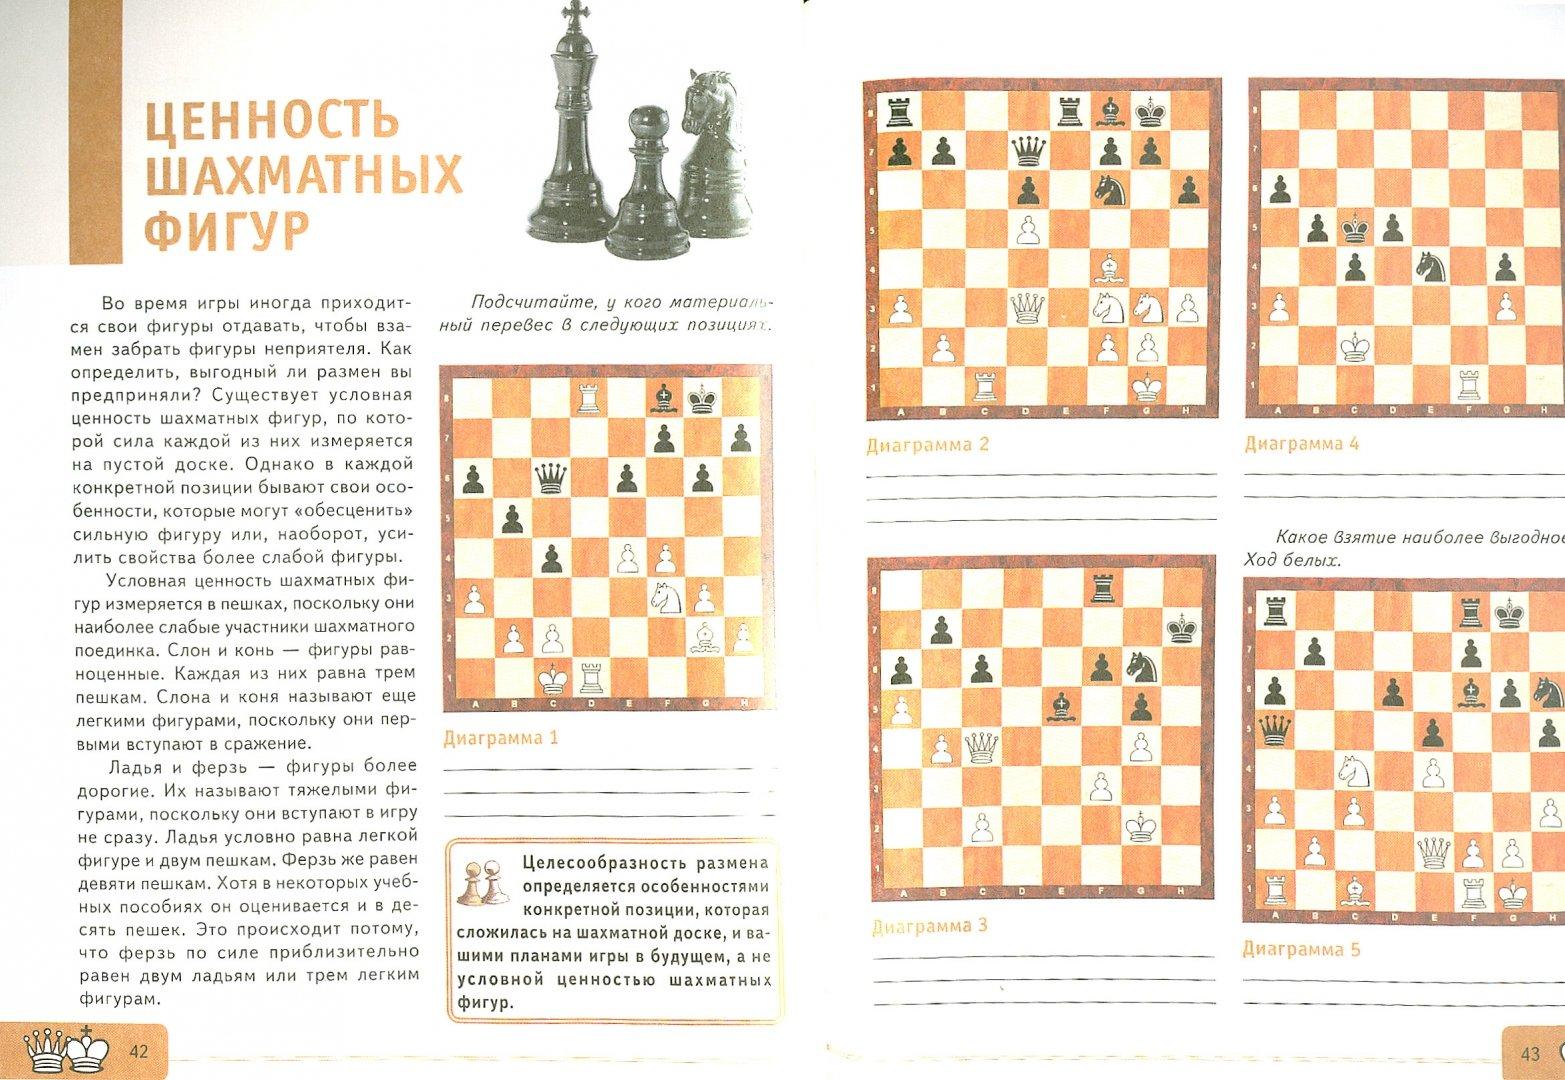 Иллюстрация 1 из 12 для Шахматы для начинающих. Правила, стратегии и тактика игры - Инна Романова   Лабиринт - книги. Источник: Лабиринт